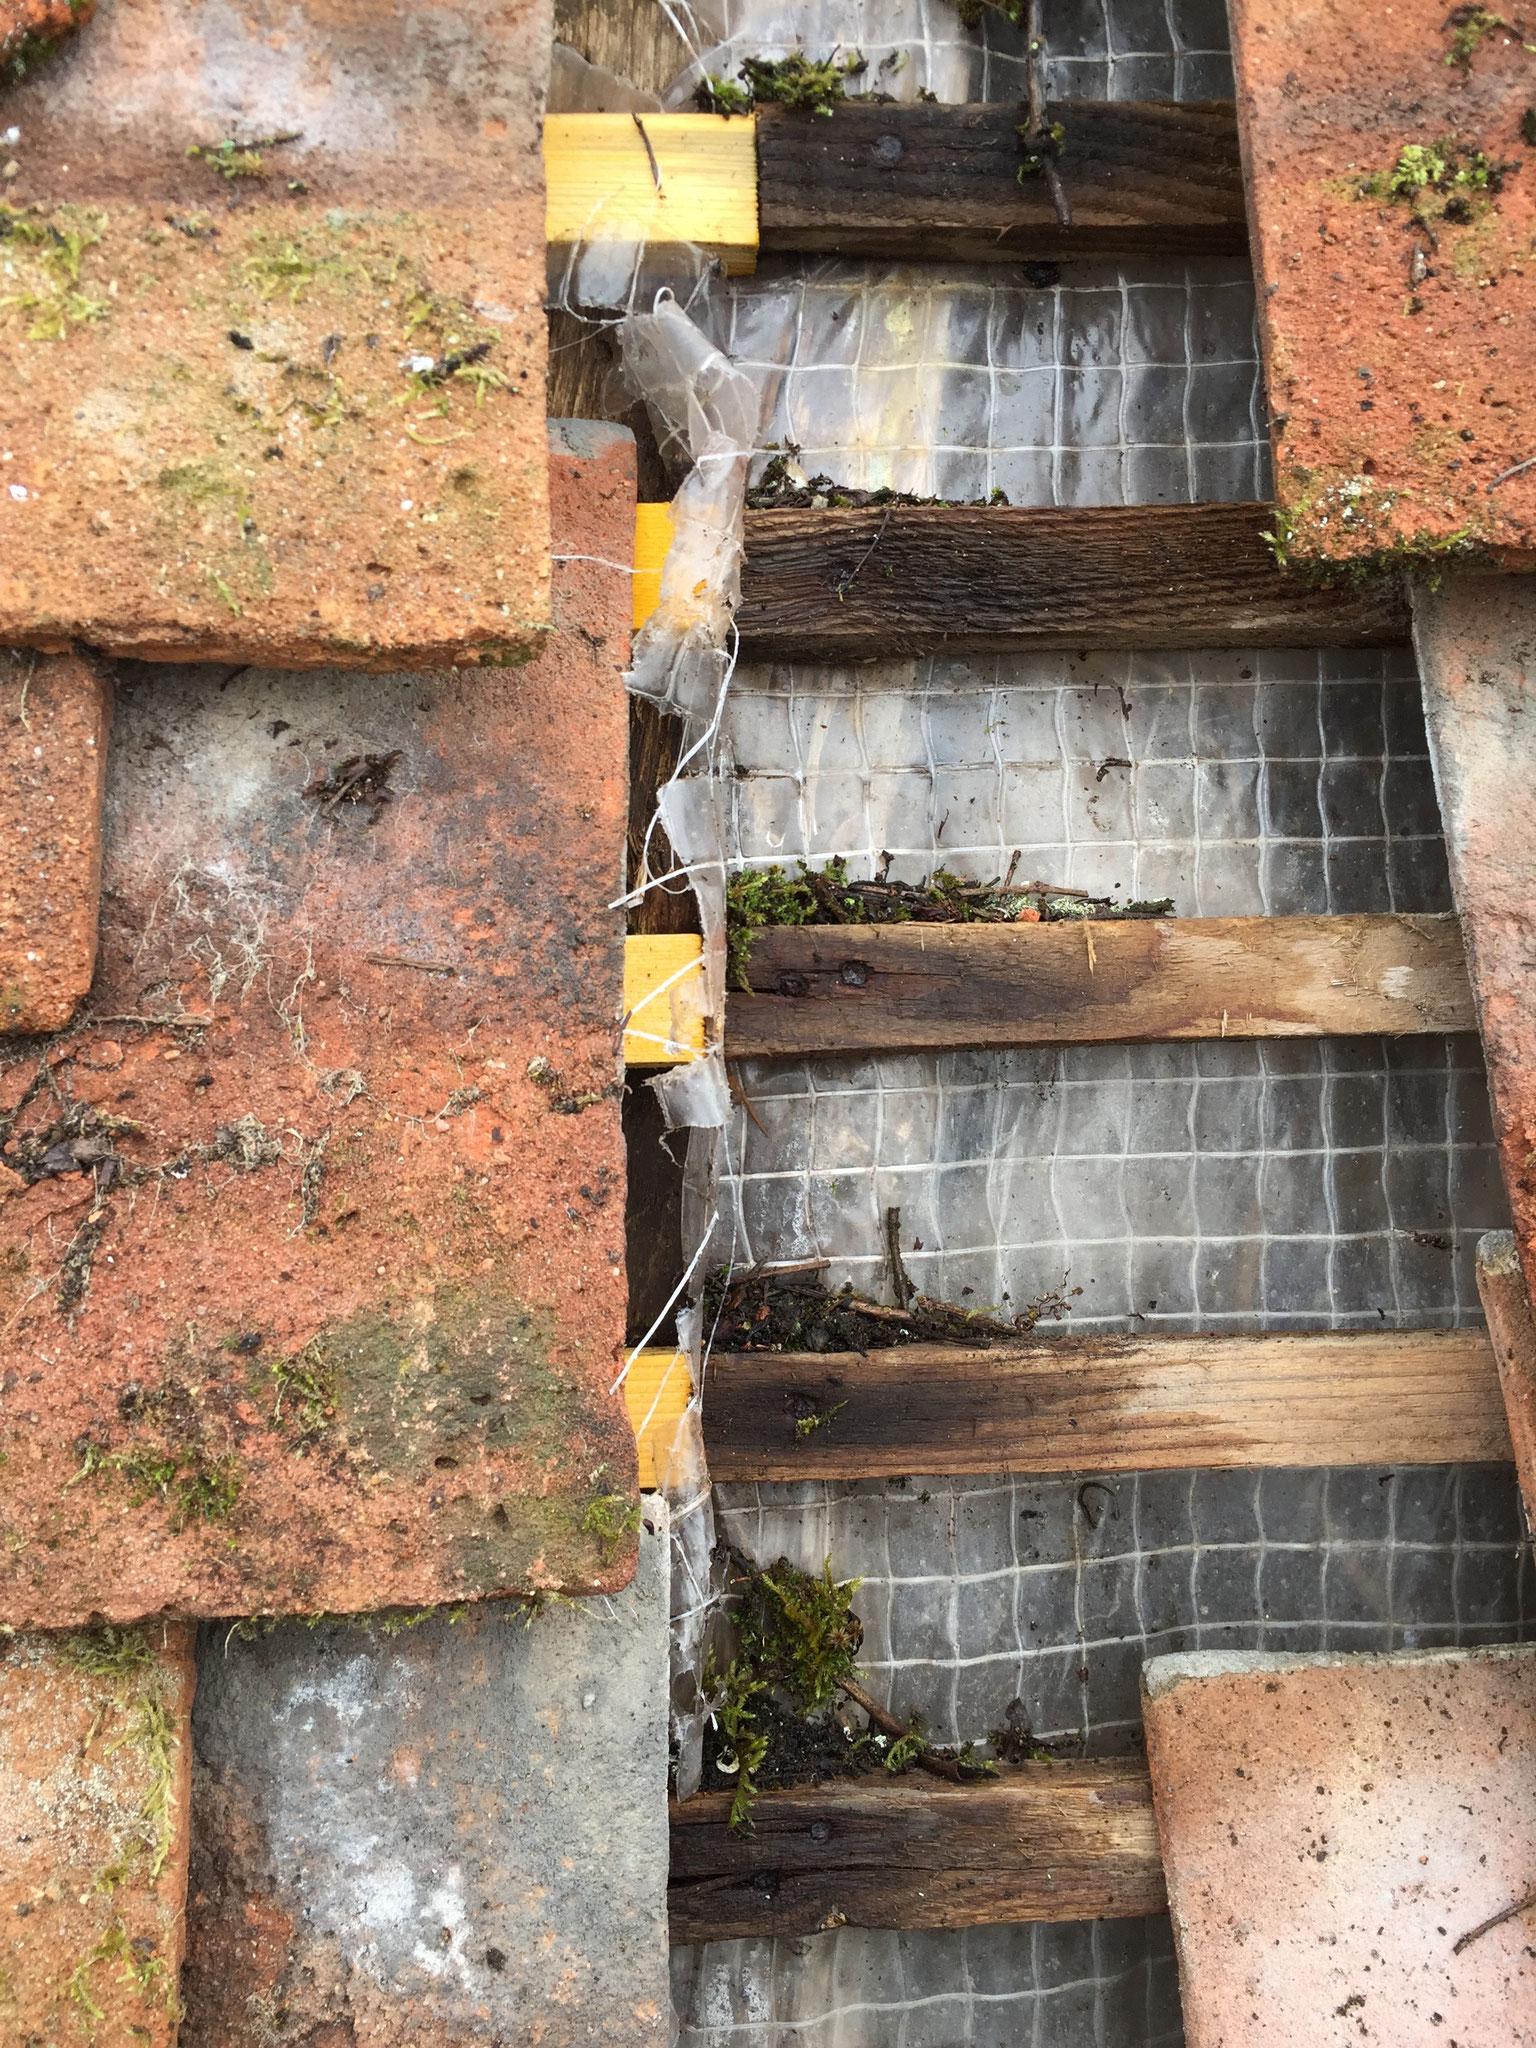 Malfaçon, défaut d'étanchéité sur toiture